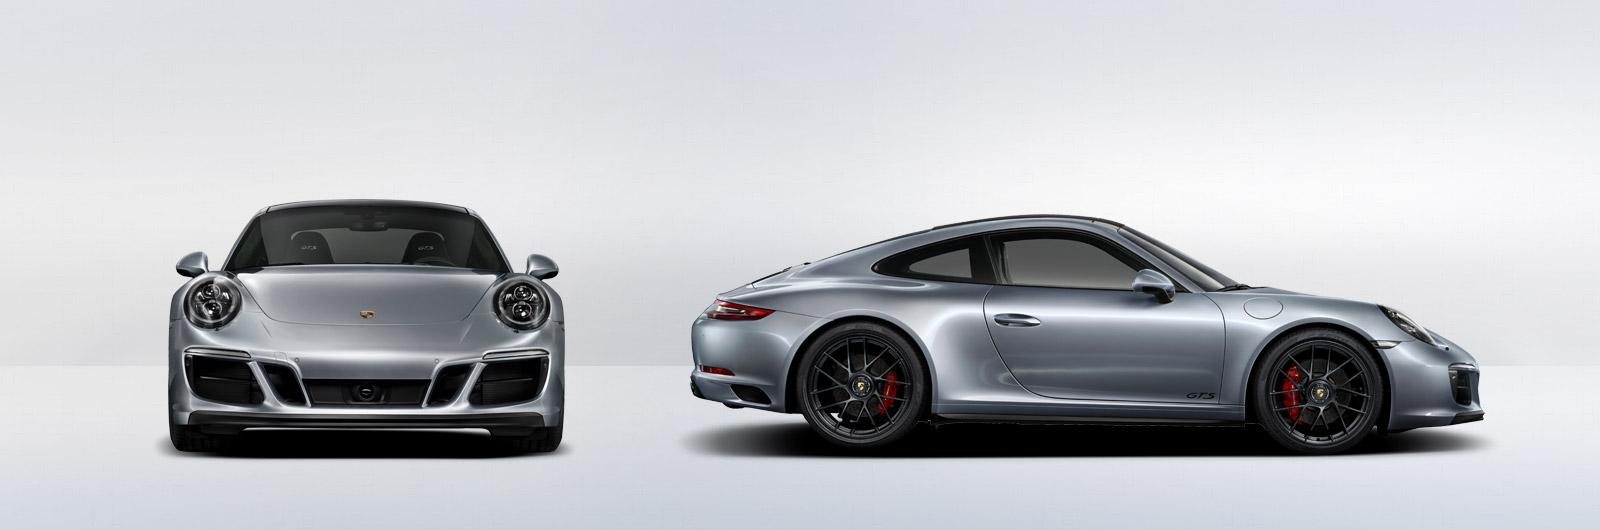 Audi TT RS Coupe, BMW M2, Porsche 718 Cayman S: vânt